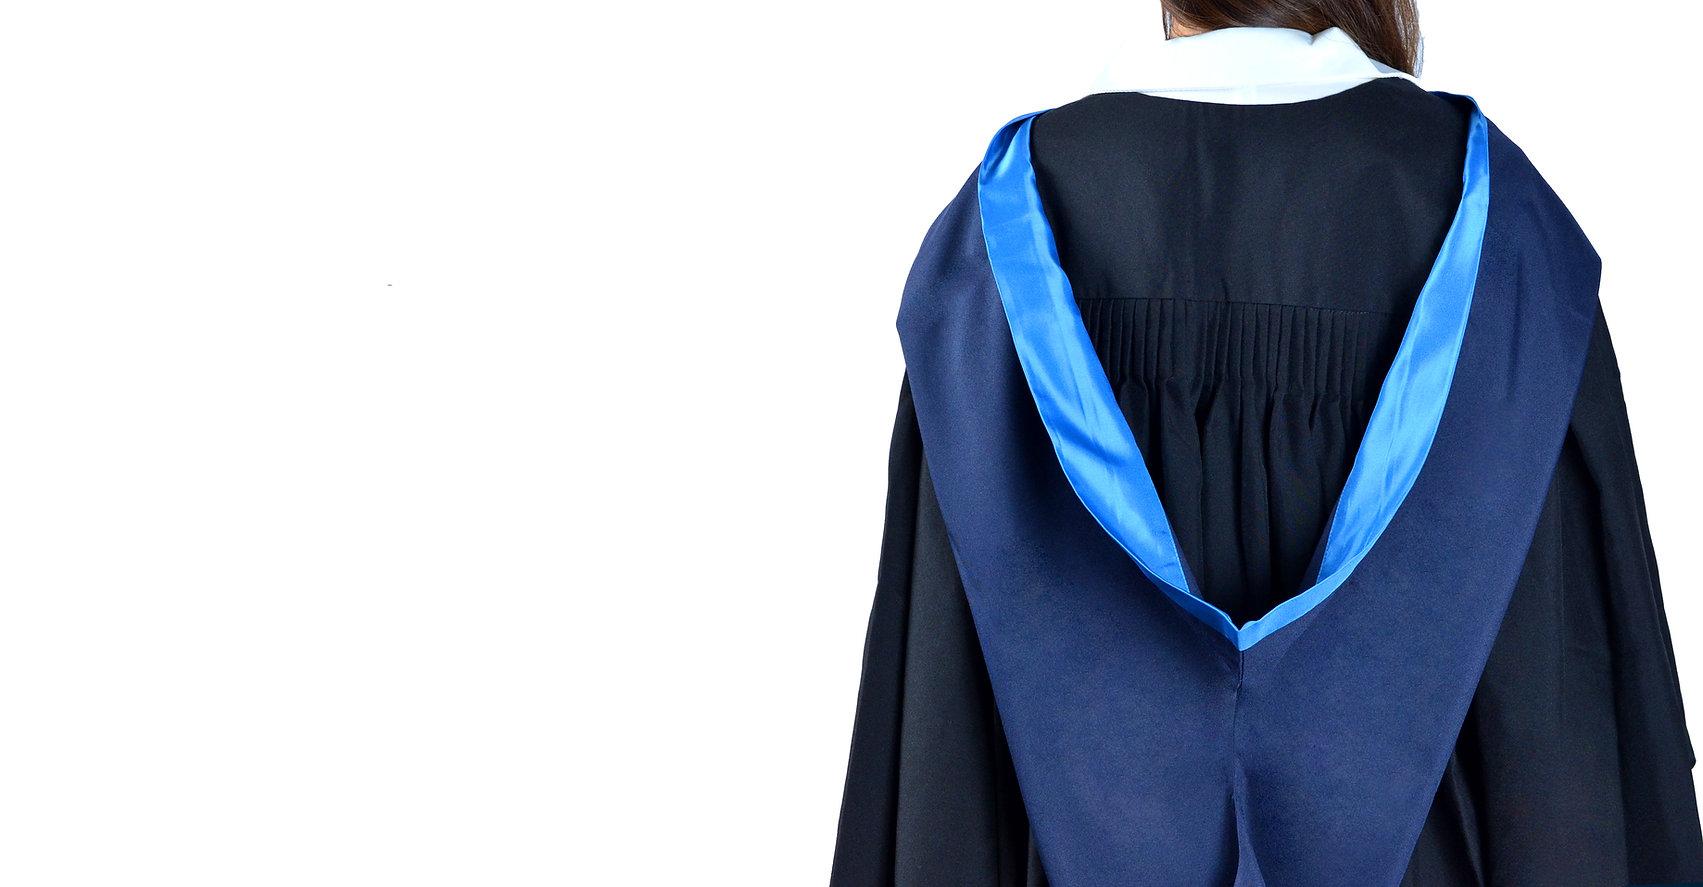 The University of Hong Kong (HKU) Graduation Gown | HKU Academic Dress and Academic Regalia | Rent or Buy | HKU graduation gown | HKU academic dress | HKU gown  香港大學畢業袍 |  港大畢業袍  | 學士畢業袍、碩士畢業袍、博士袍畢業袍